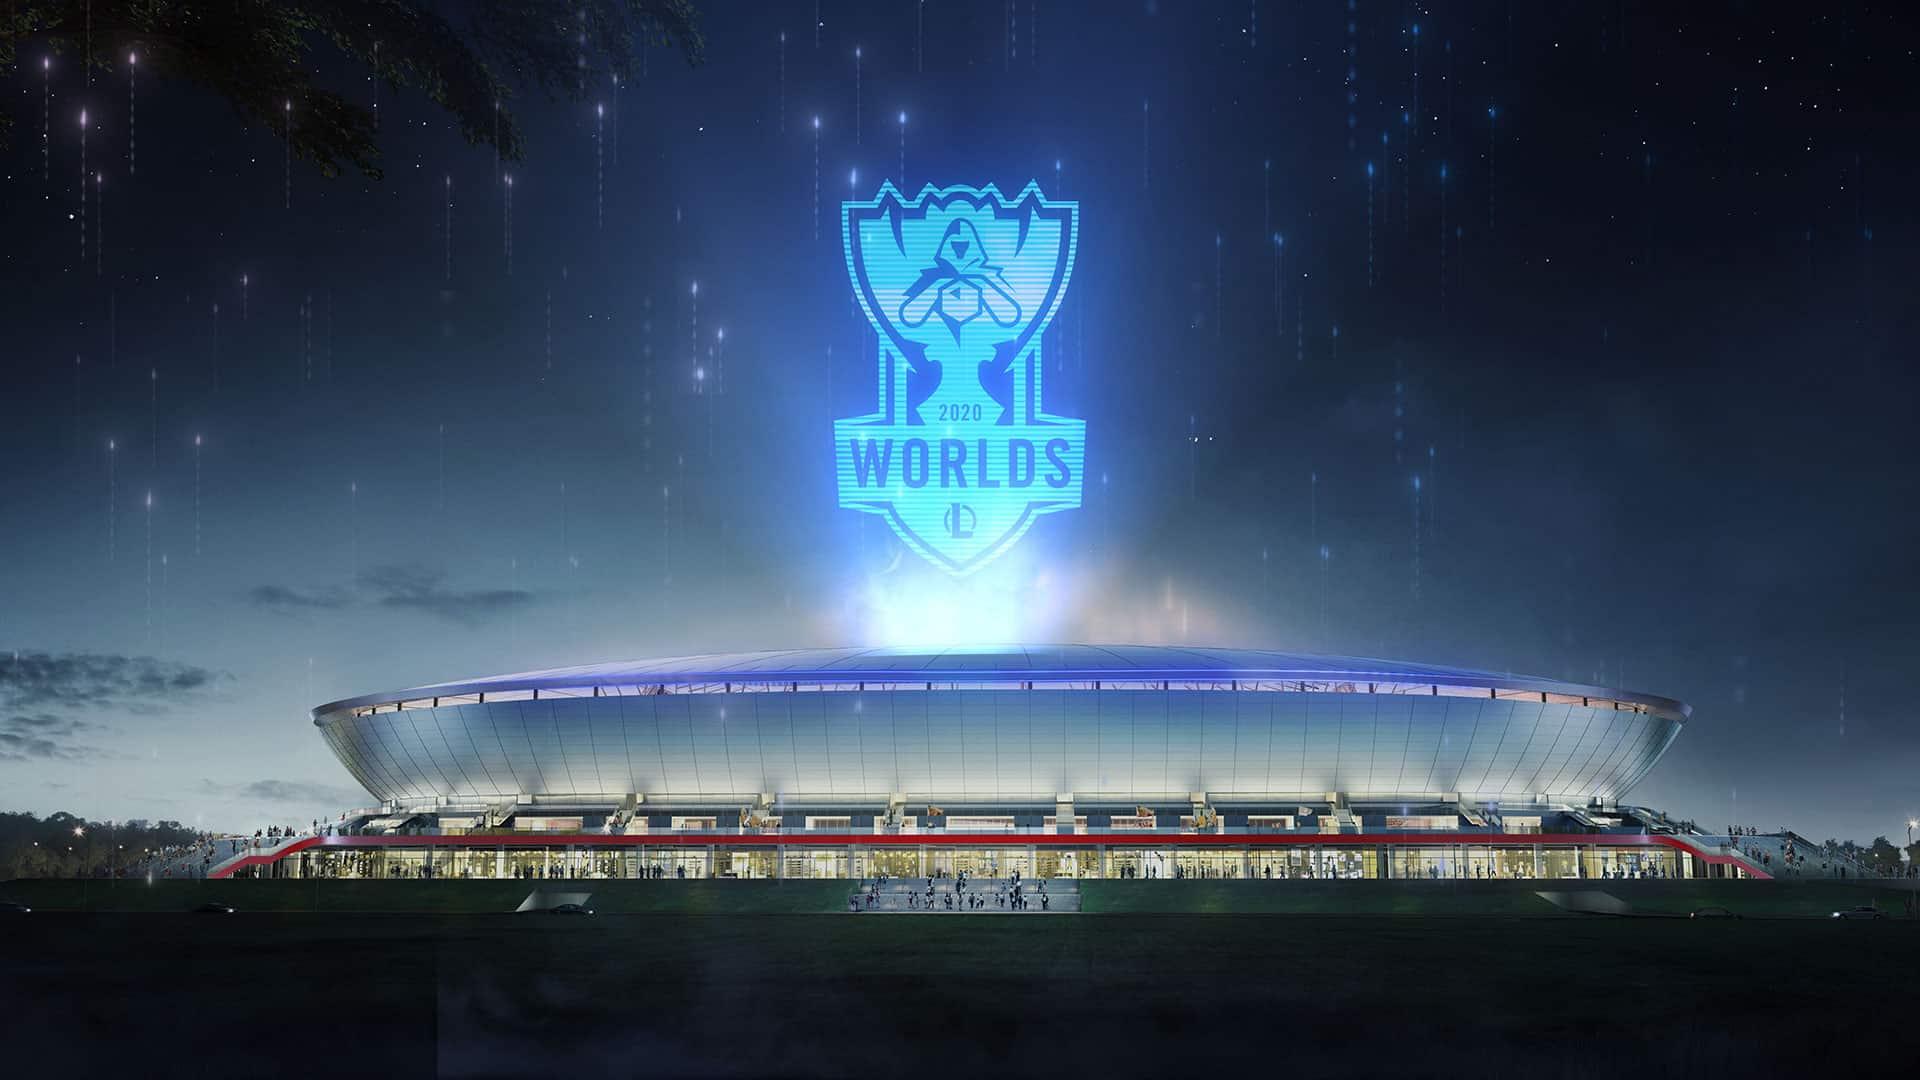 Lol Weltmeisterschaft 2021